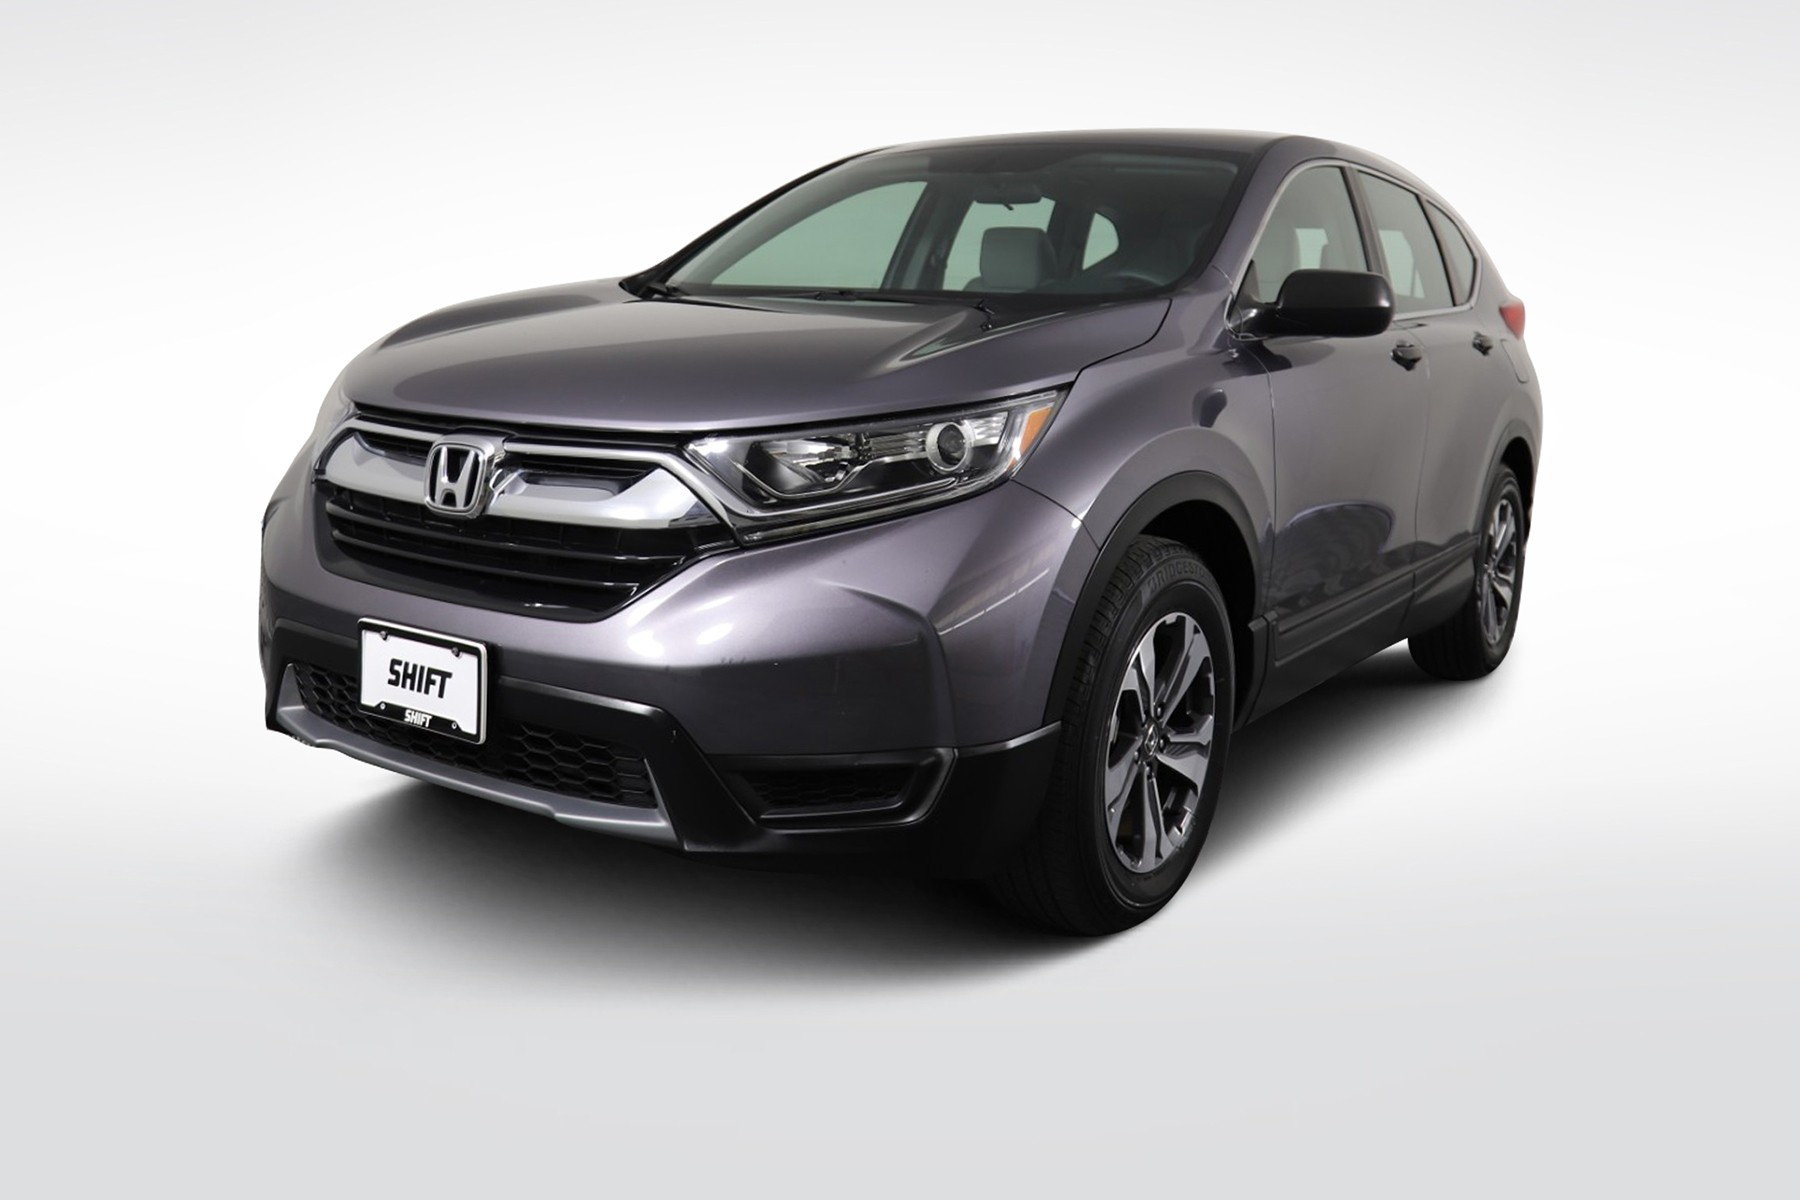 2017 Honda CR-V LX (from $20,950)